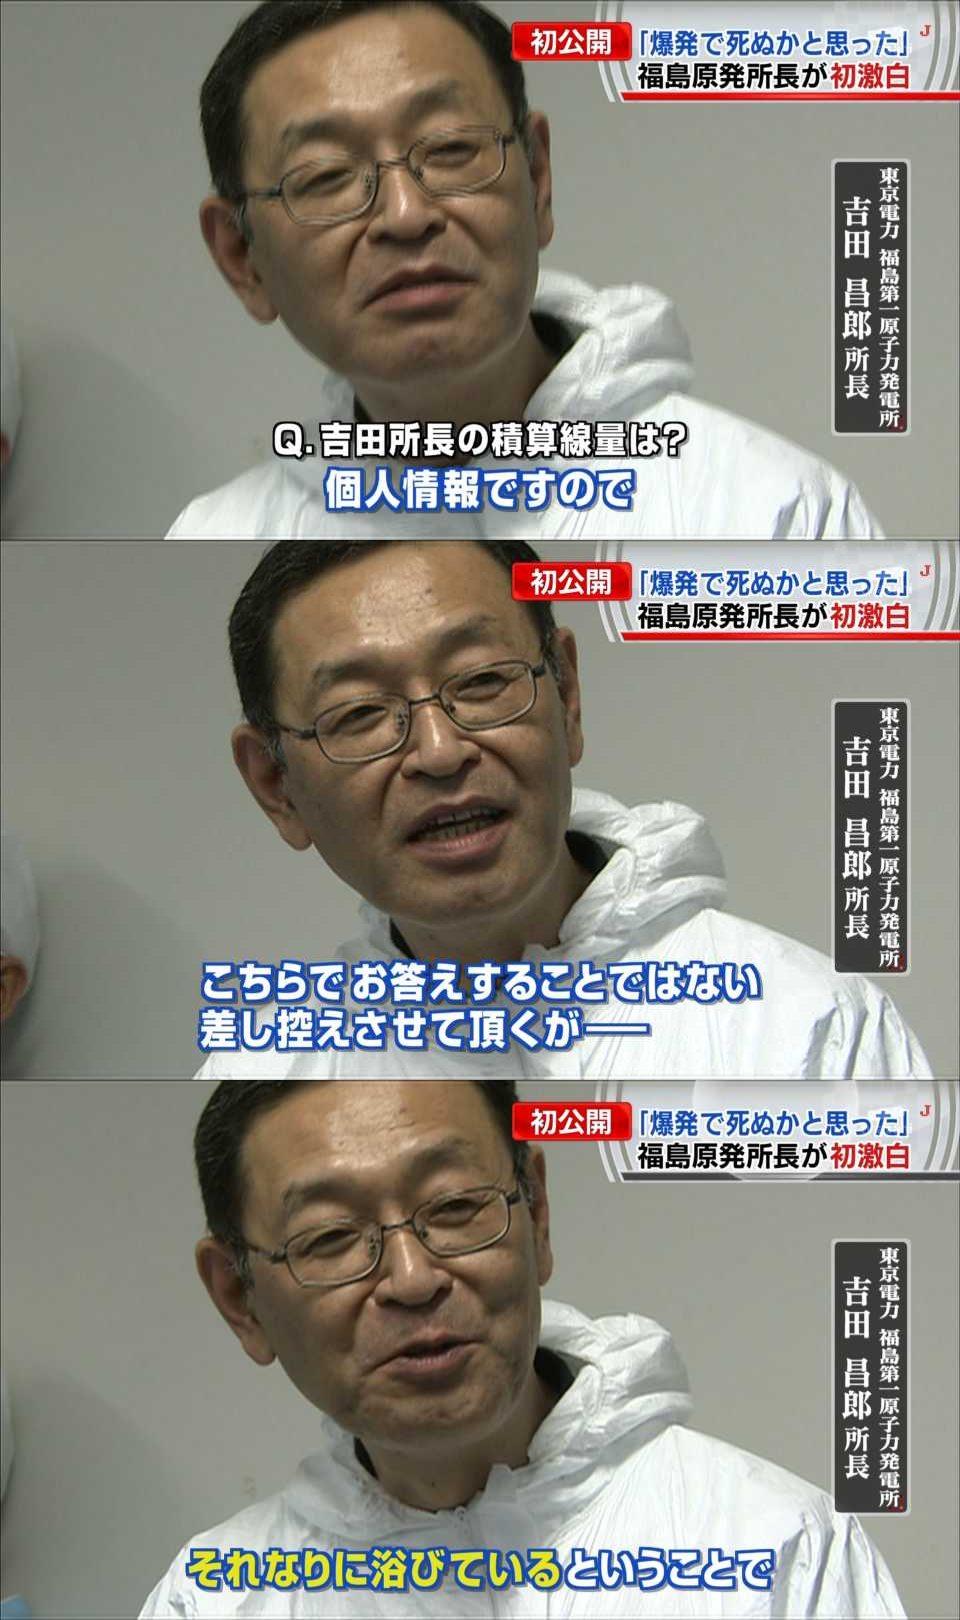 枝野「吉田昌郎所長が入院したが、被爆の可能性はない。被爆の可能性があったら直ちに公表する」のサムネイル画像